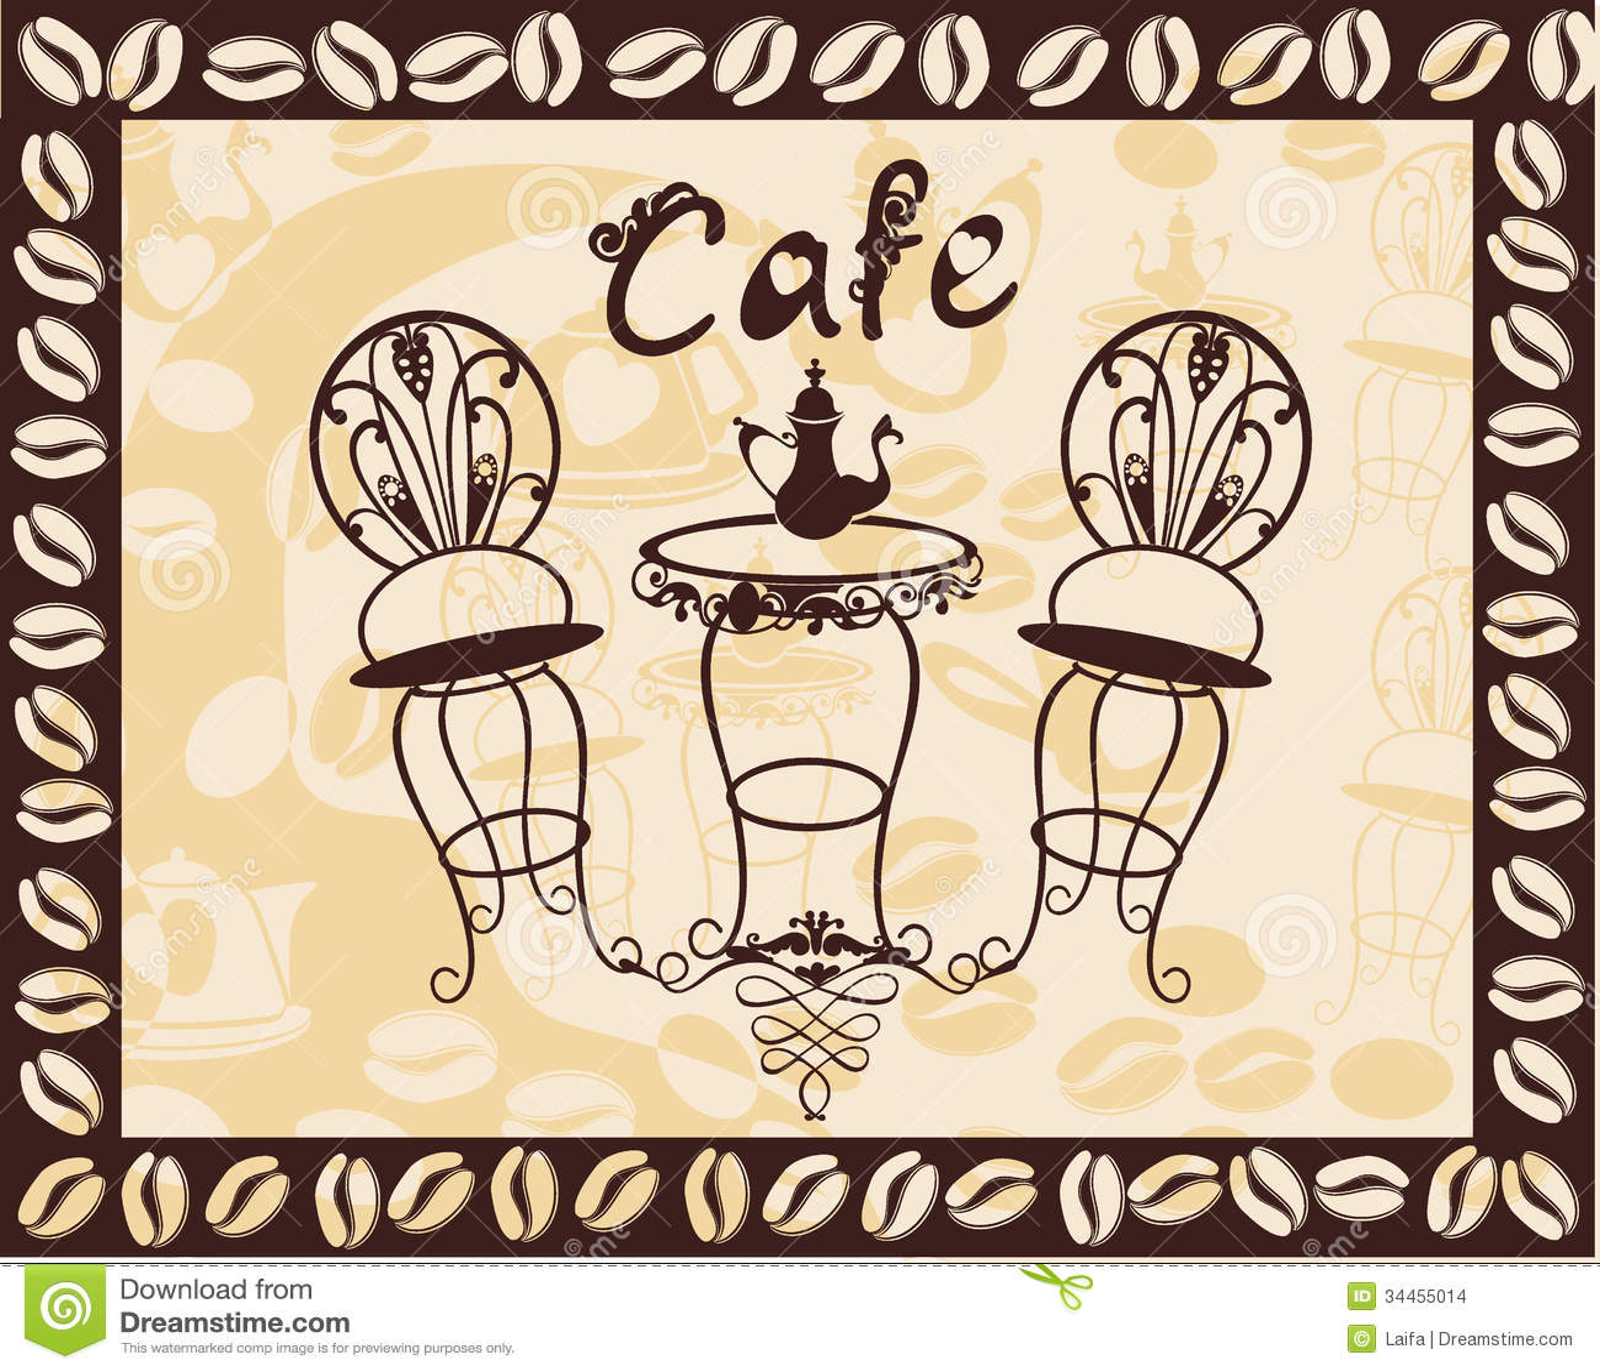 Gallery For gt Vintage Cafe Sign